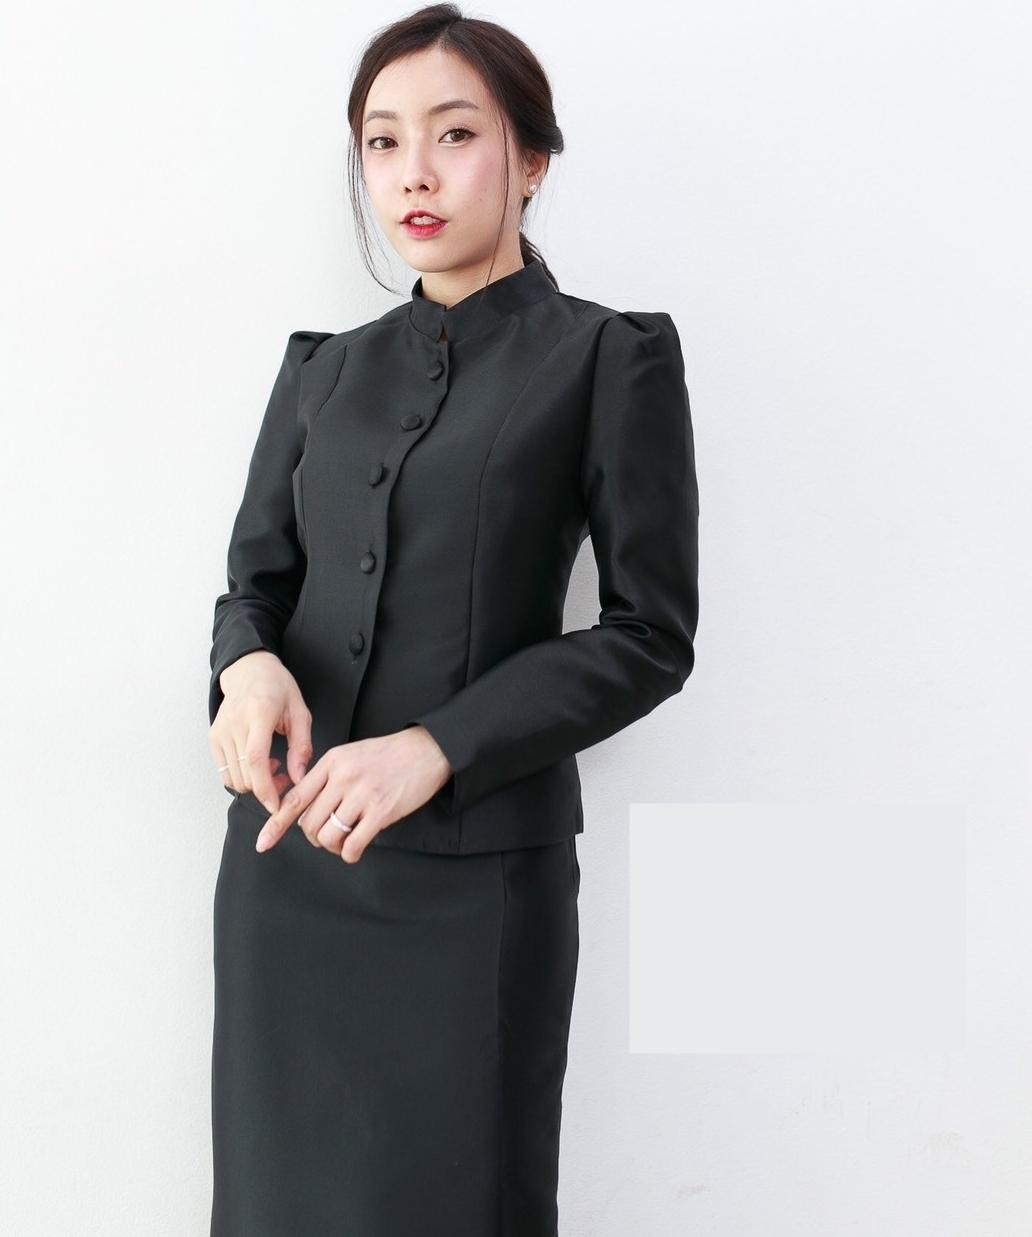 [ เฉพาะเสื้อ ] ชุดไทยจิตรลดาสีดำ แบบกระดุมหน้า ไหล่จีบ อยู่ทรงสวย